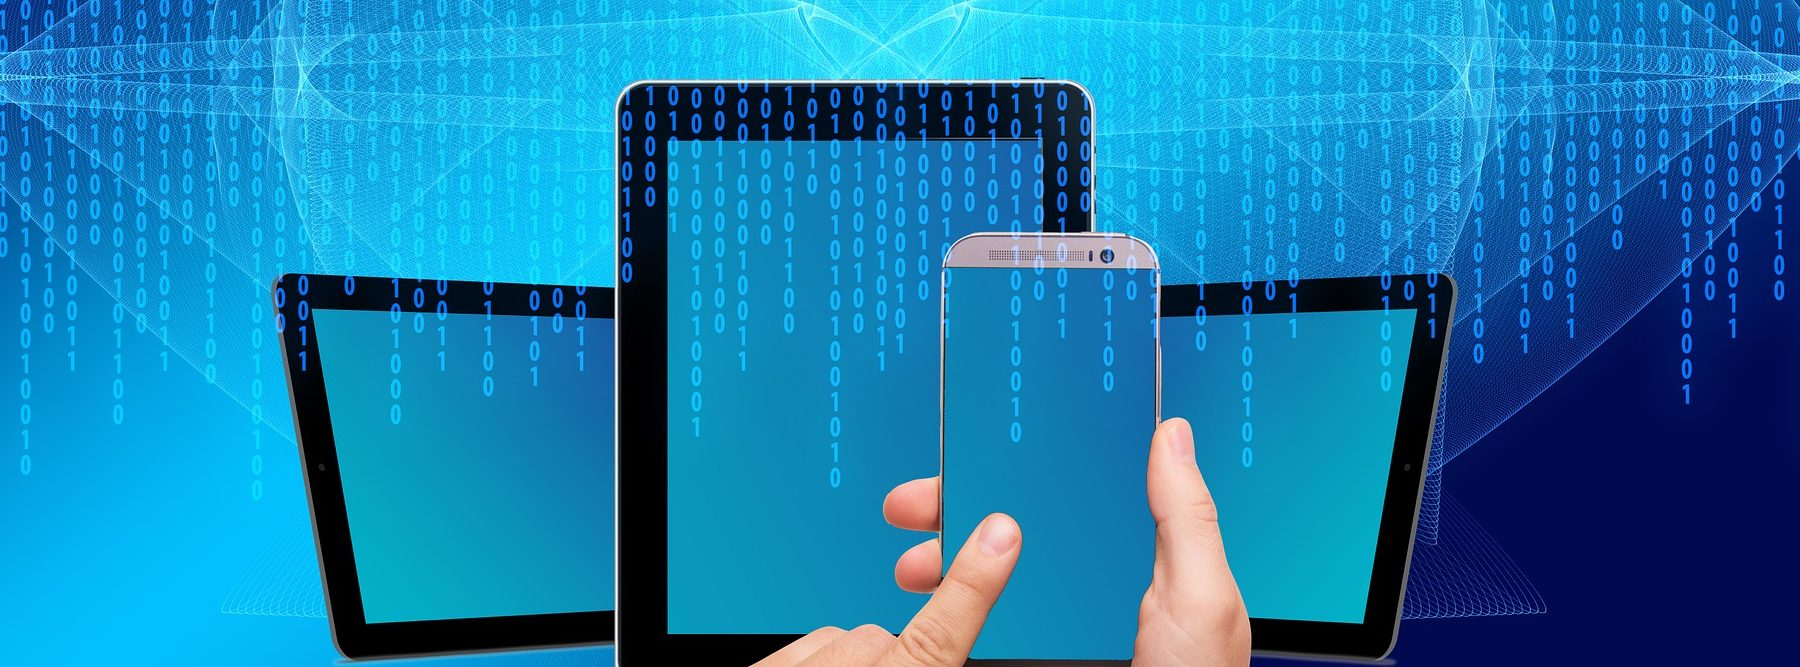 Investigadores de Singapur desarrollan una nueva técnica de criptografía cuántica